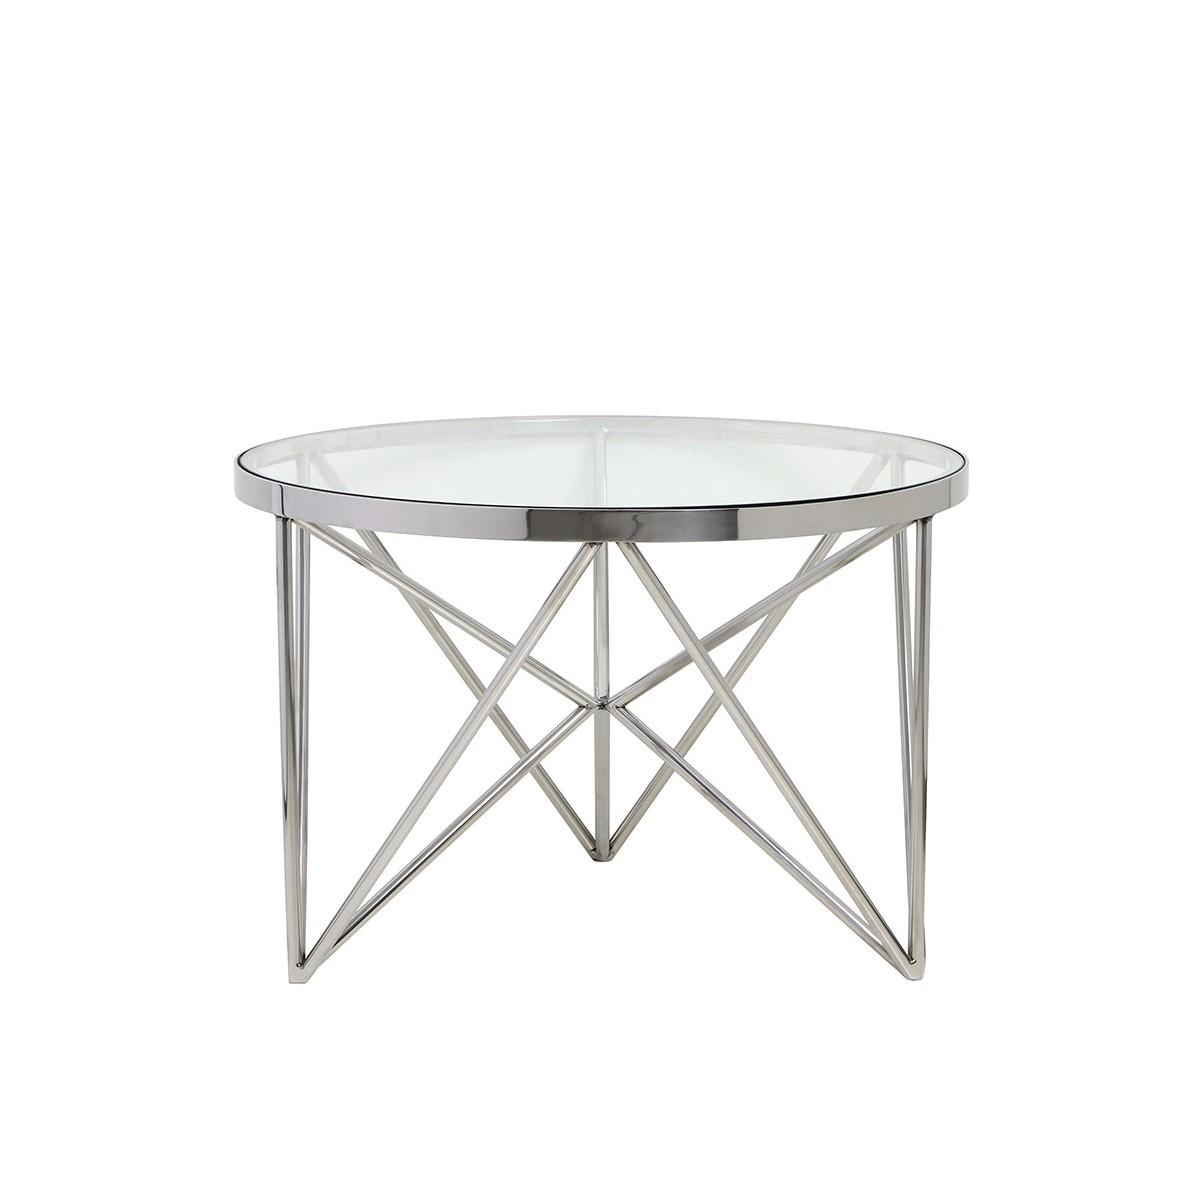 table kine ronde en nickel poli. Black Bedroom Furniture Sets. Home Design Ideas